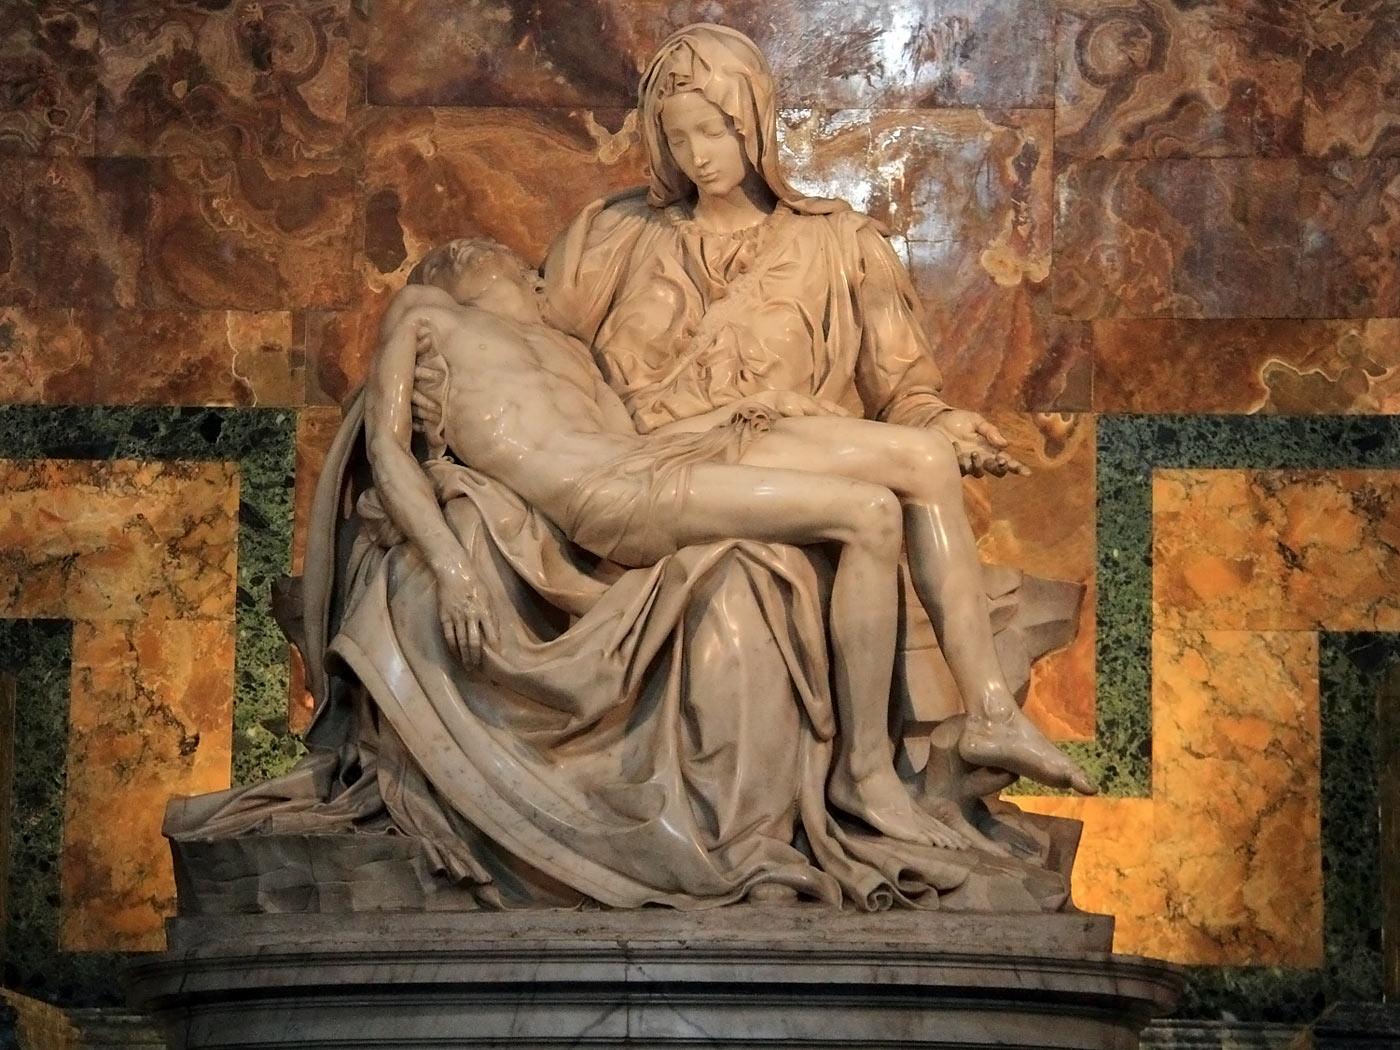 113Basilica_di_San_Pietro-Pieta1.jpg